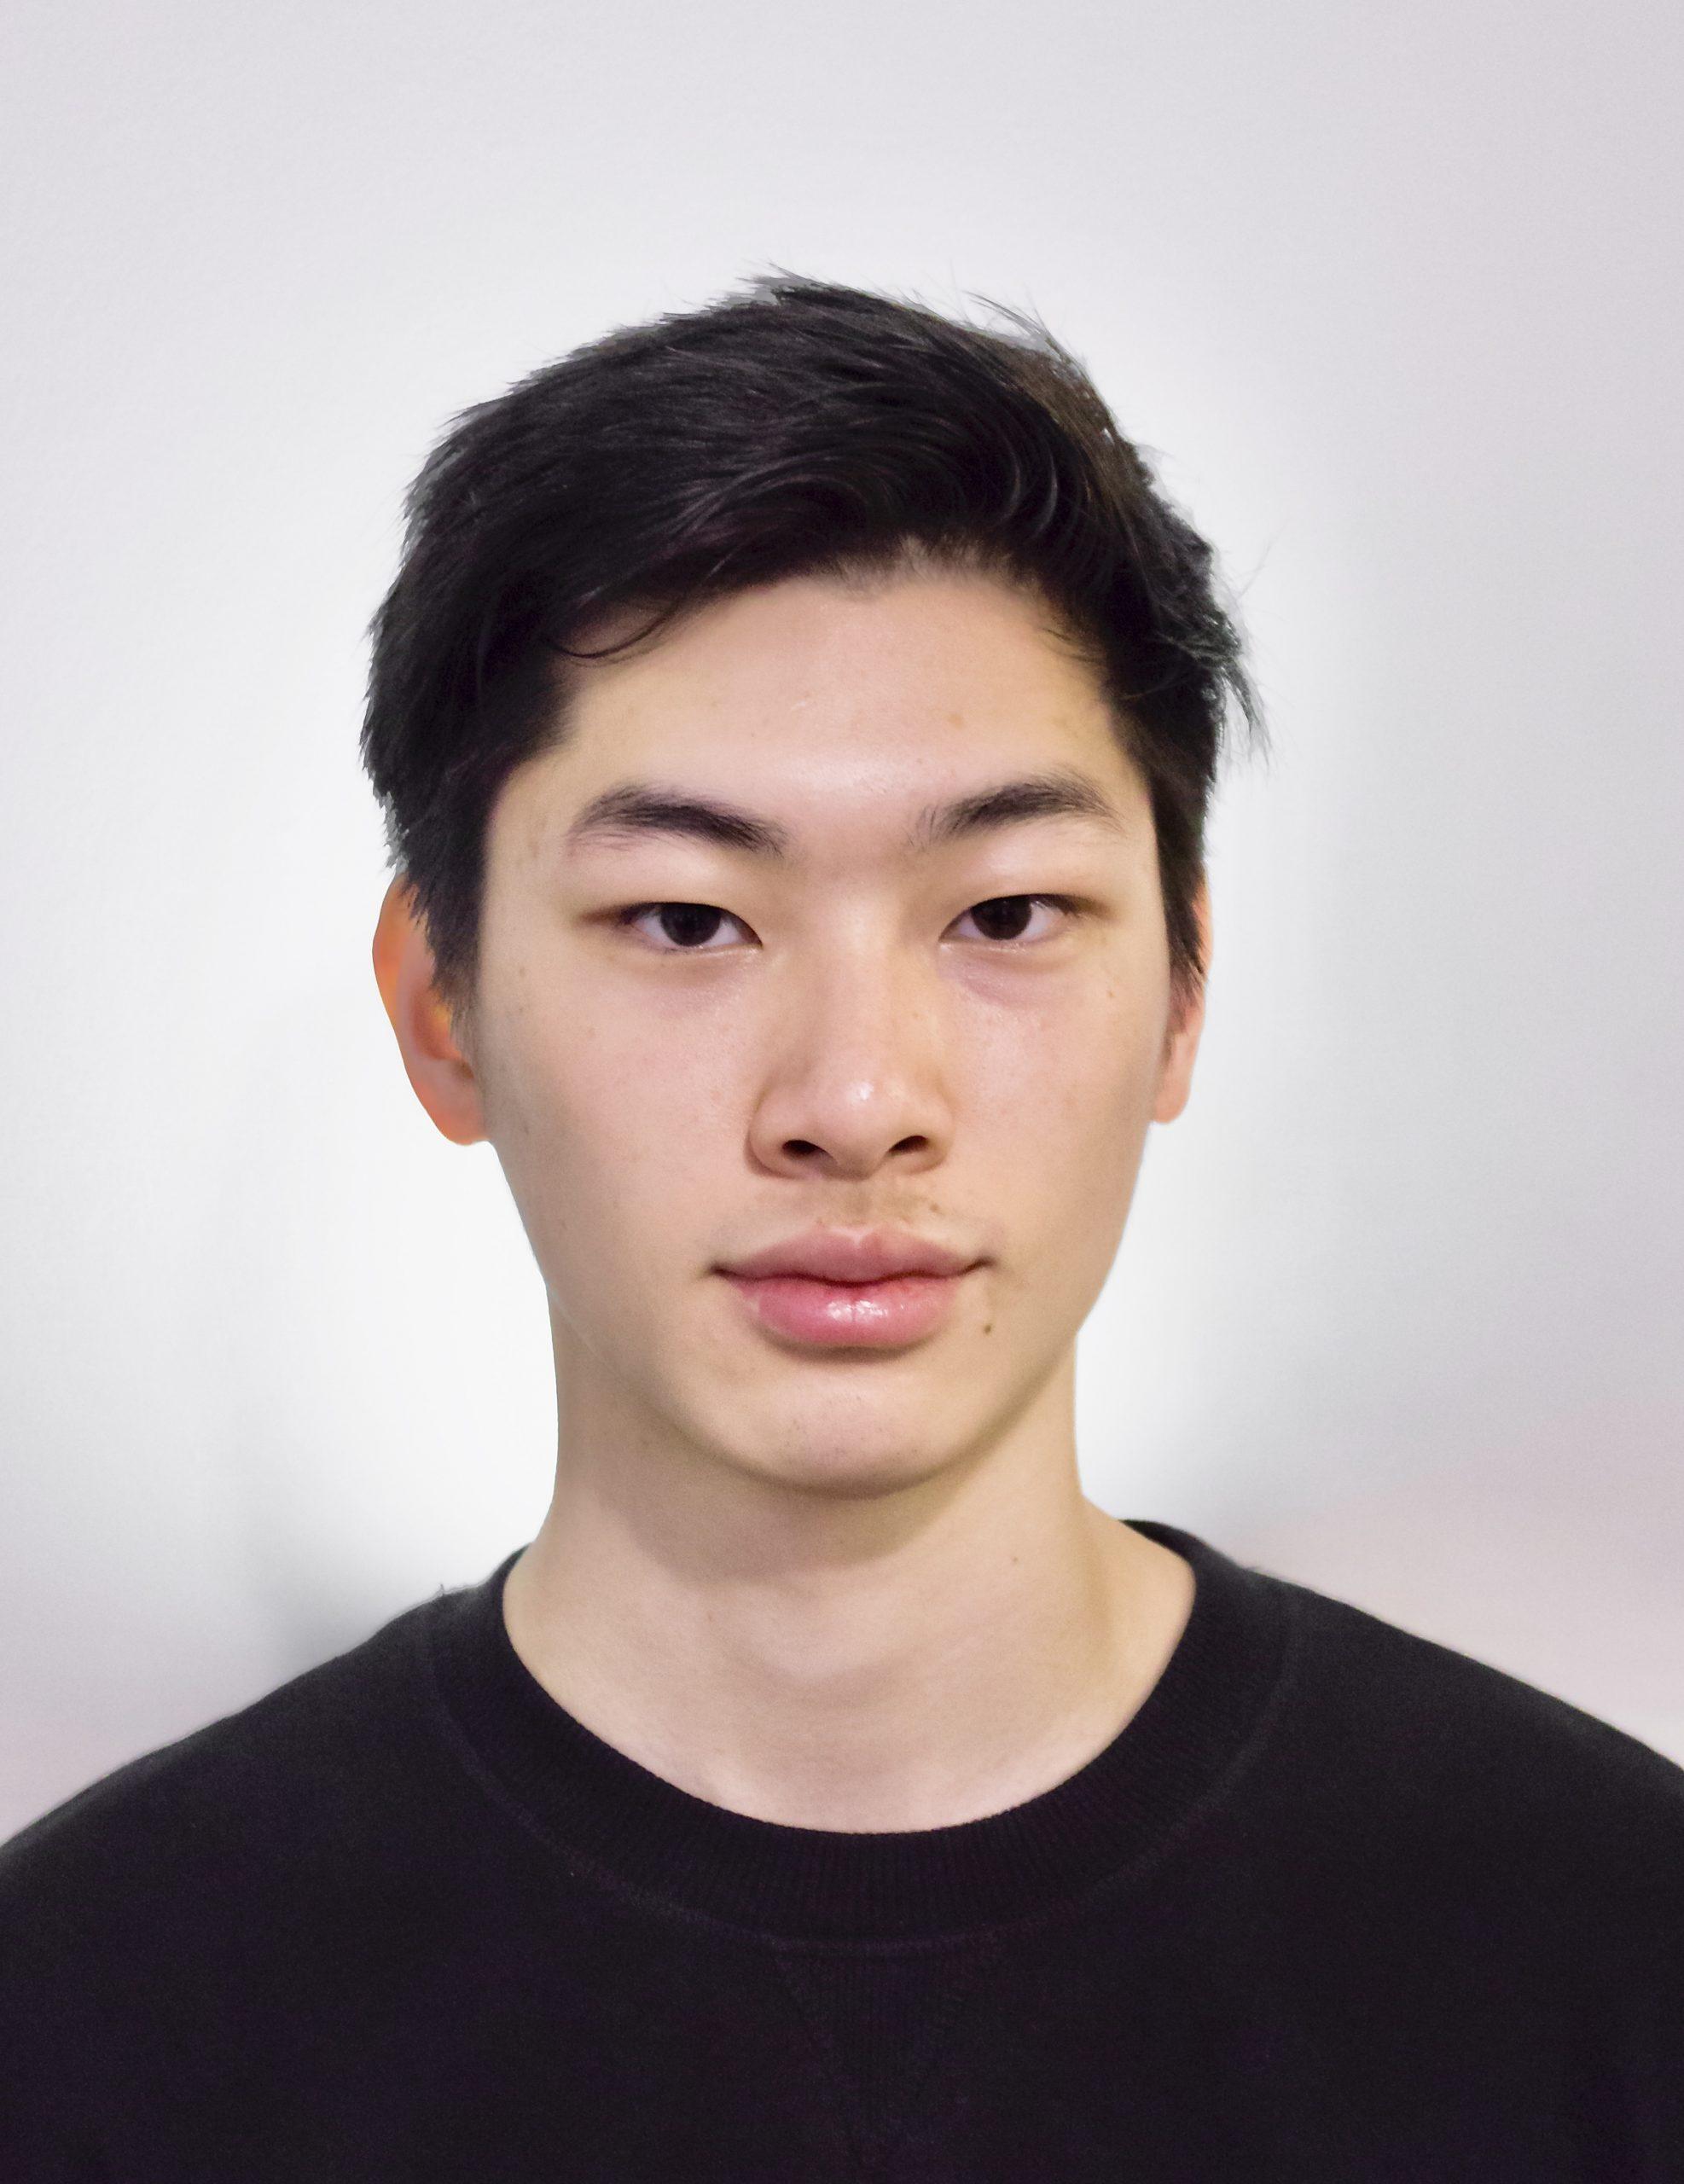 Ryan Hong